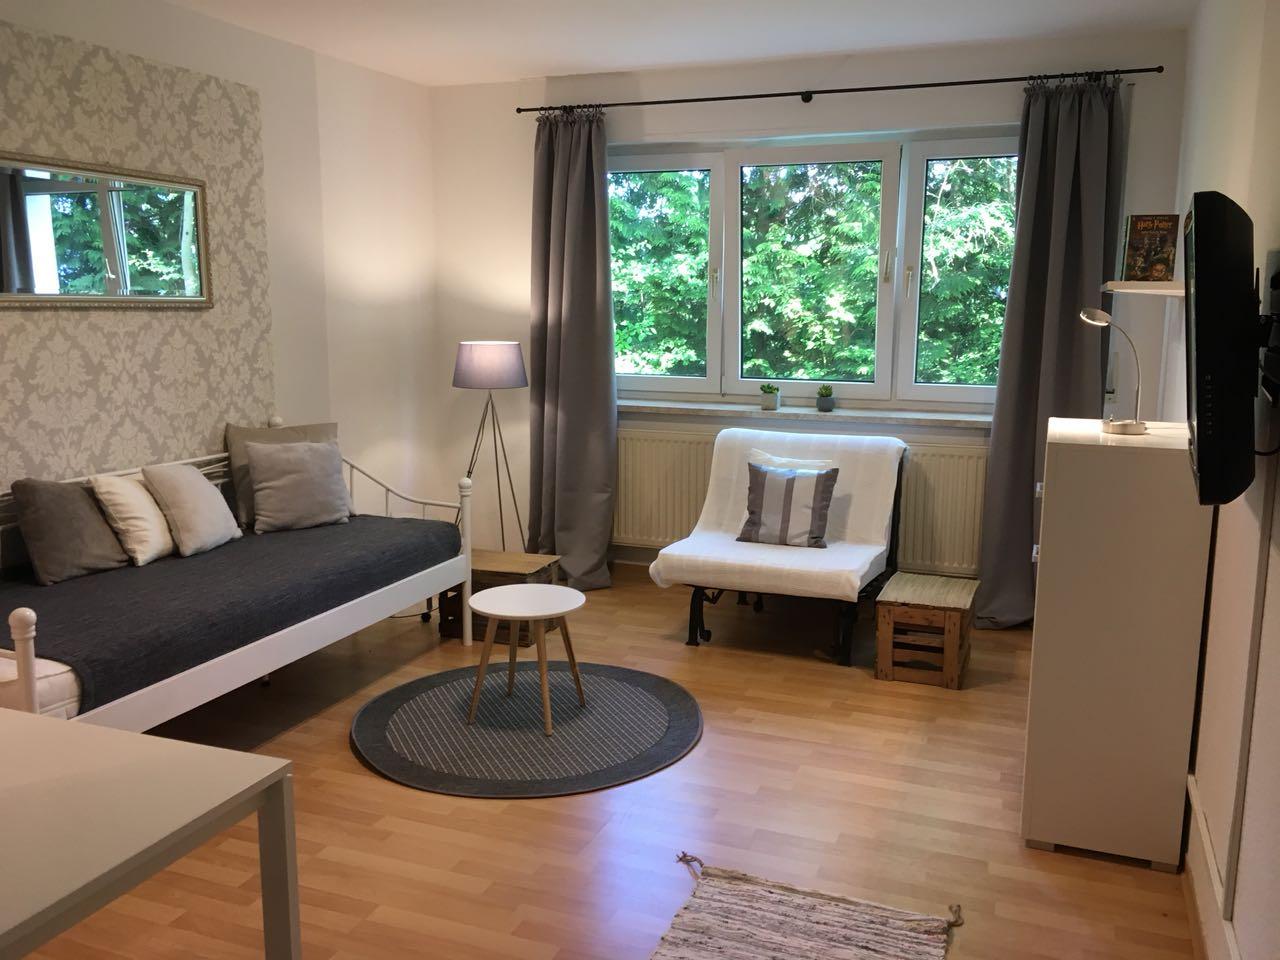 ferienwohnung in saarbr cken g nstig mieten. Black Bedroom Furniture Sets. Home Design Ideas